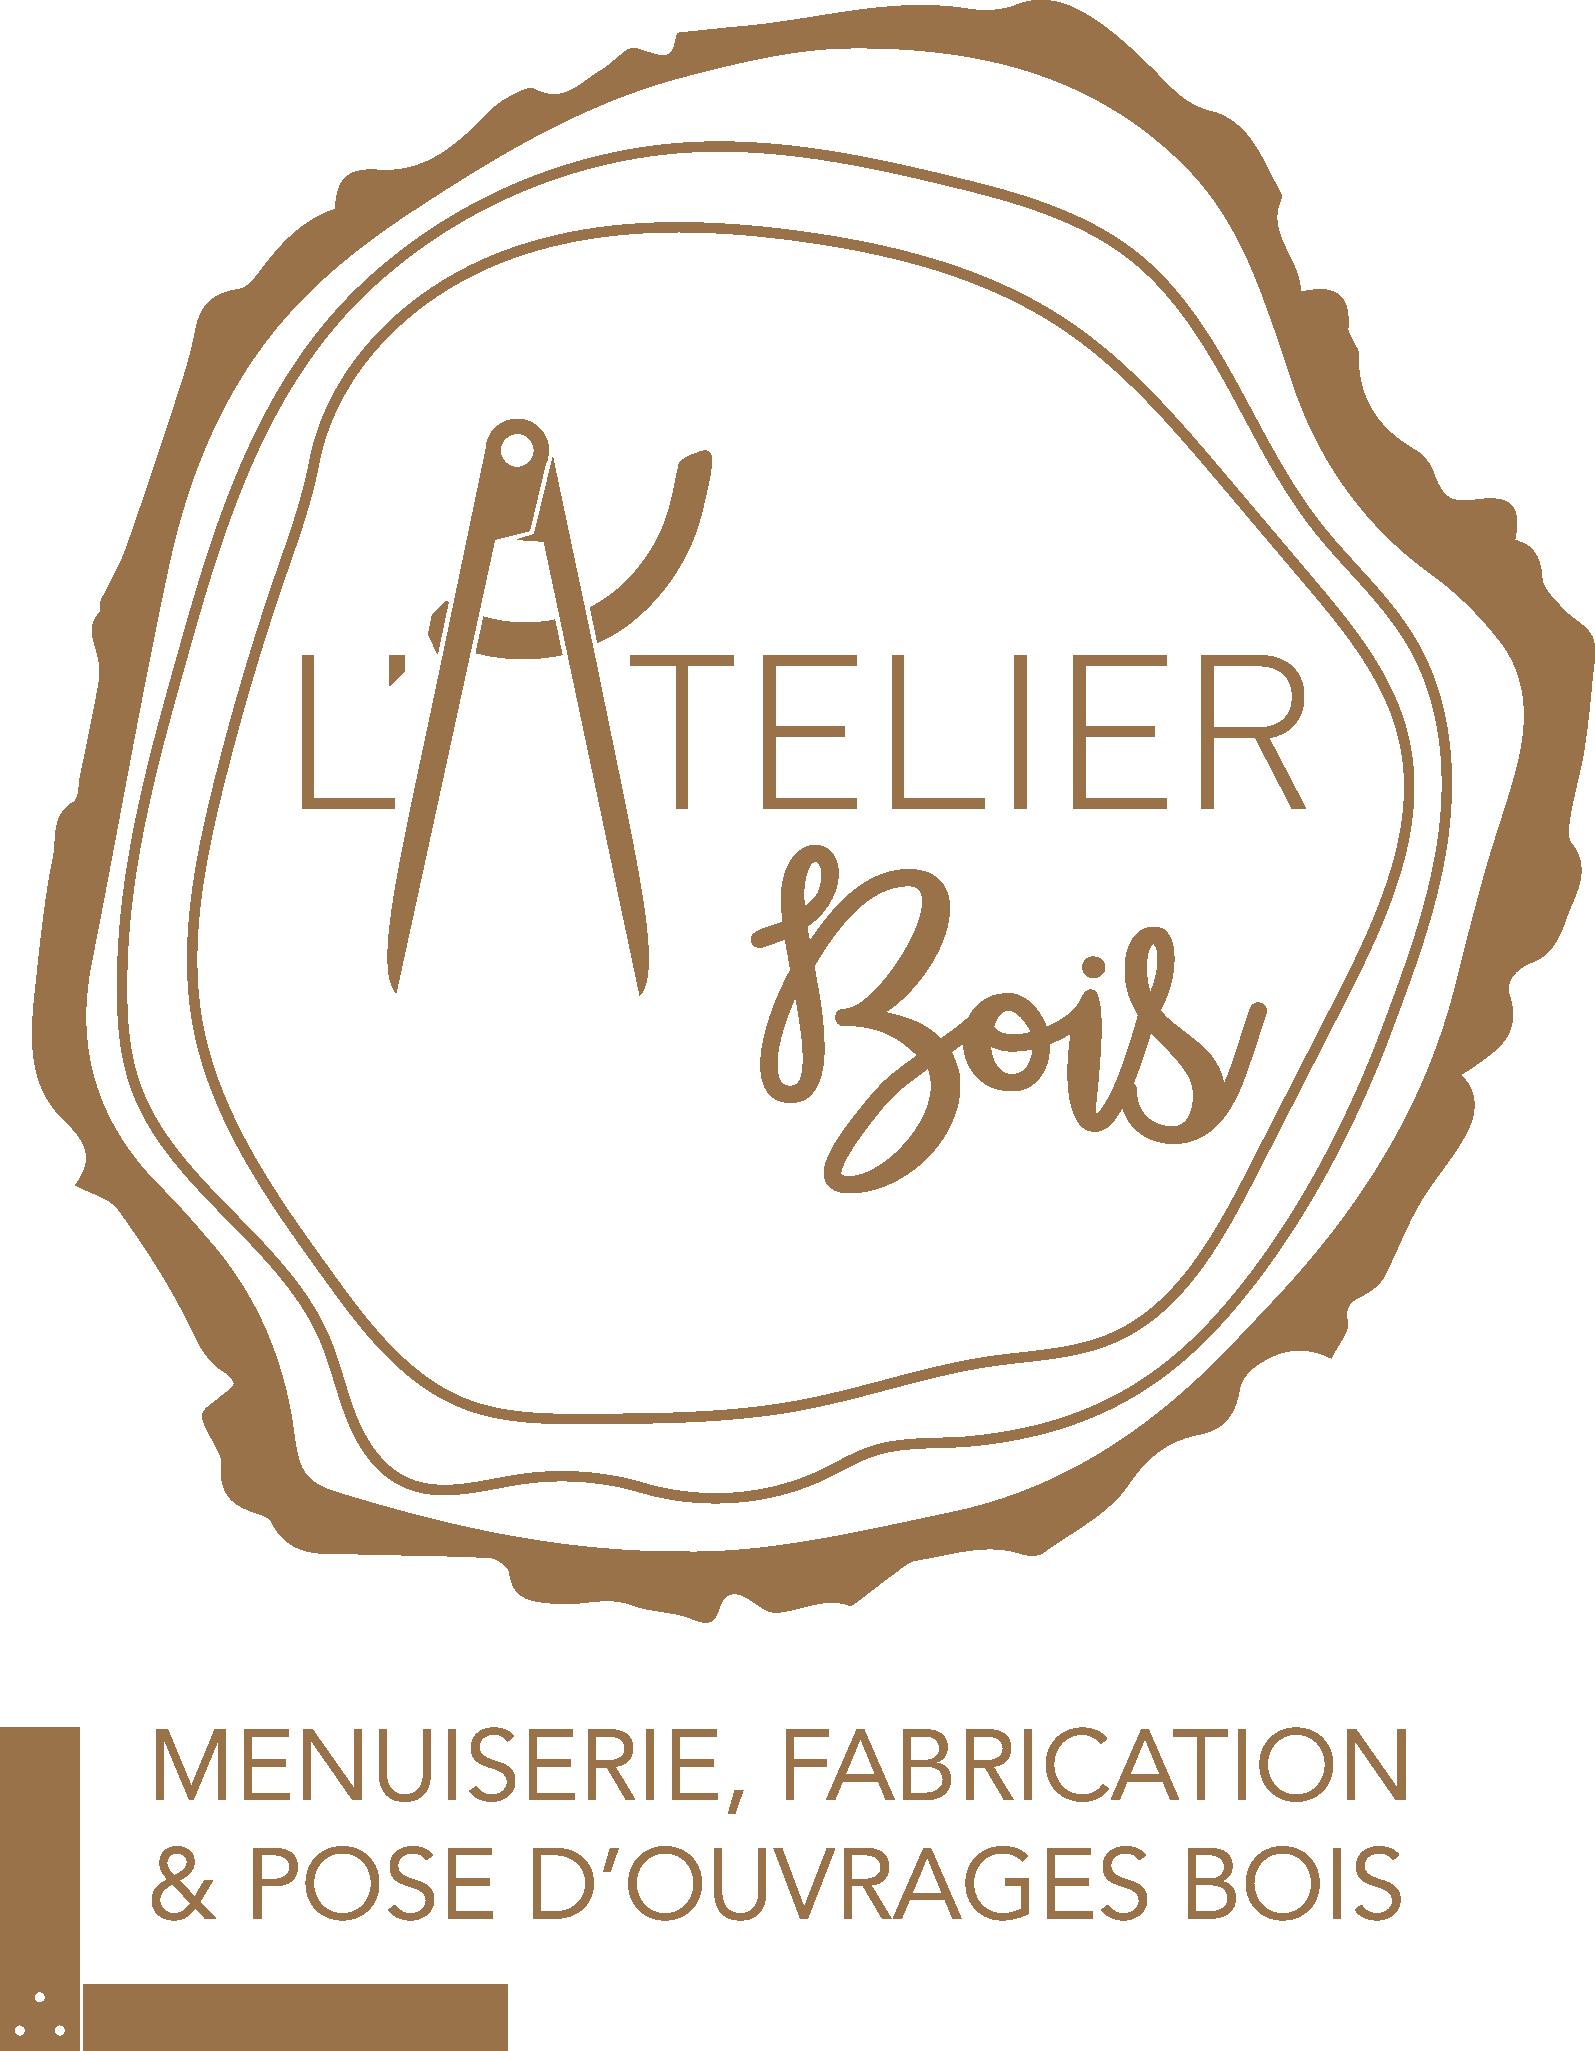 Atelier Bois Menuiserie